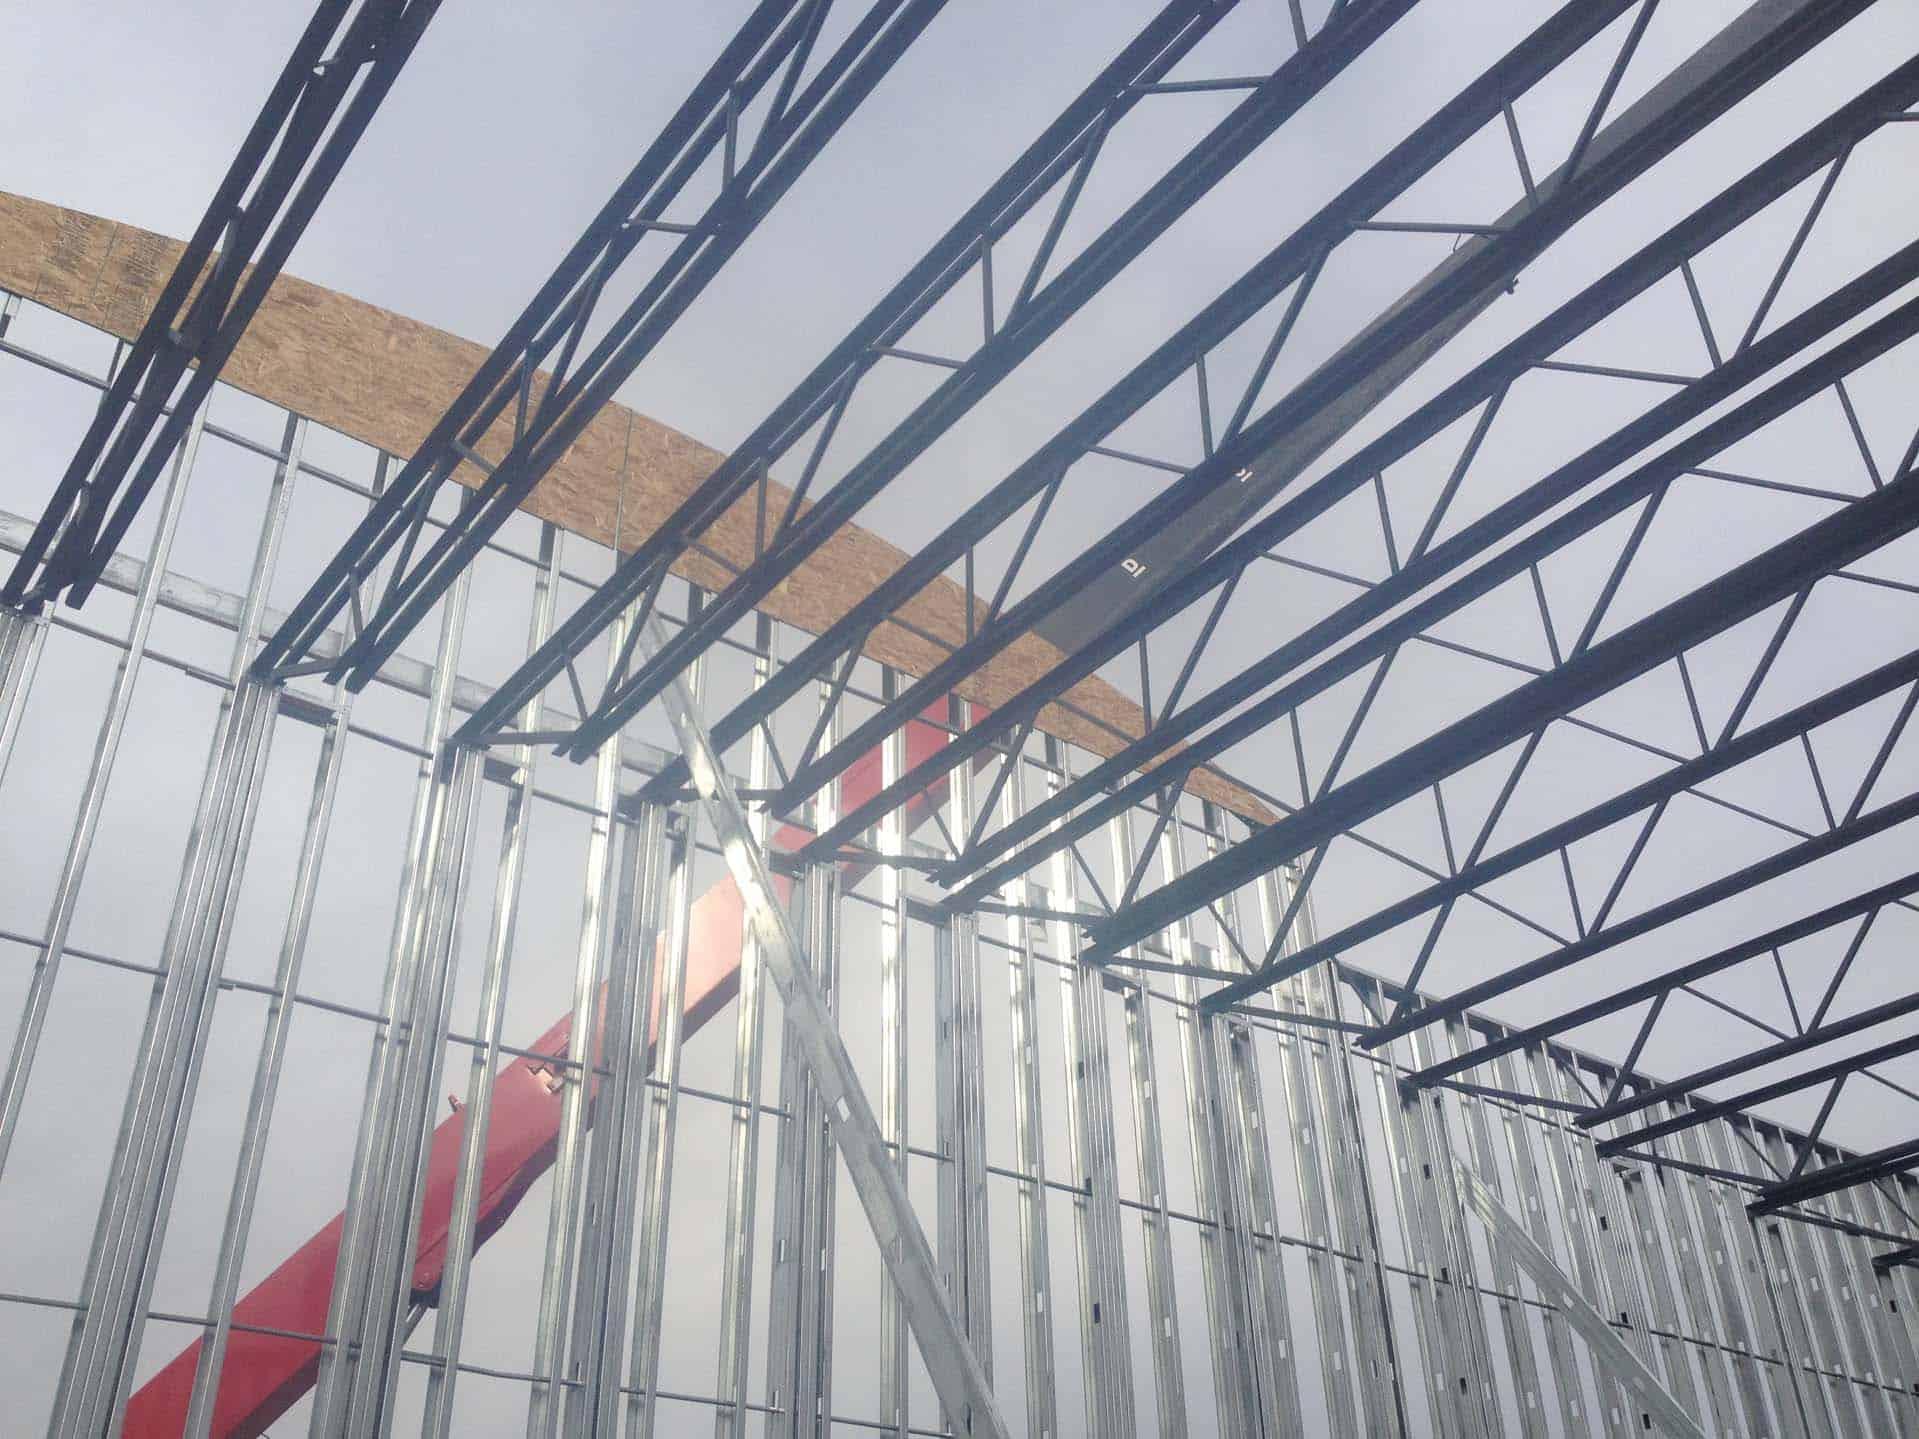 Structural Metal Stud Framing Details